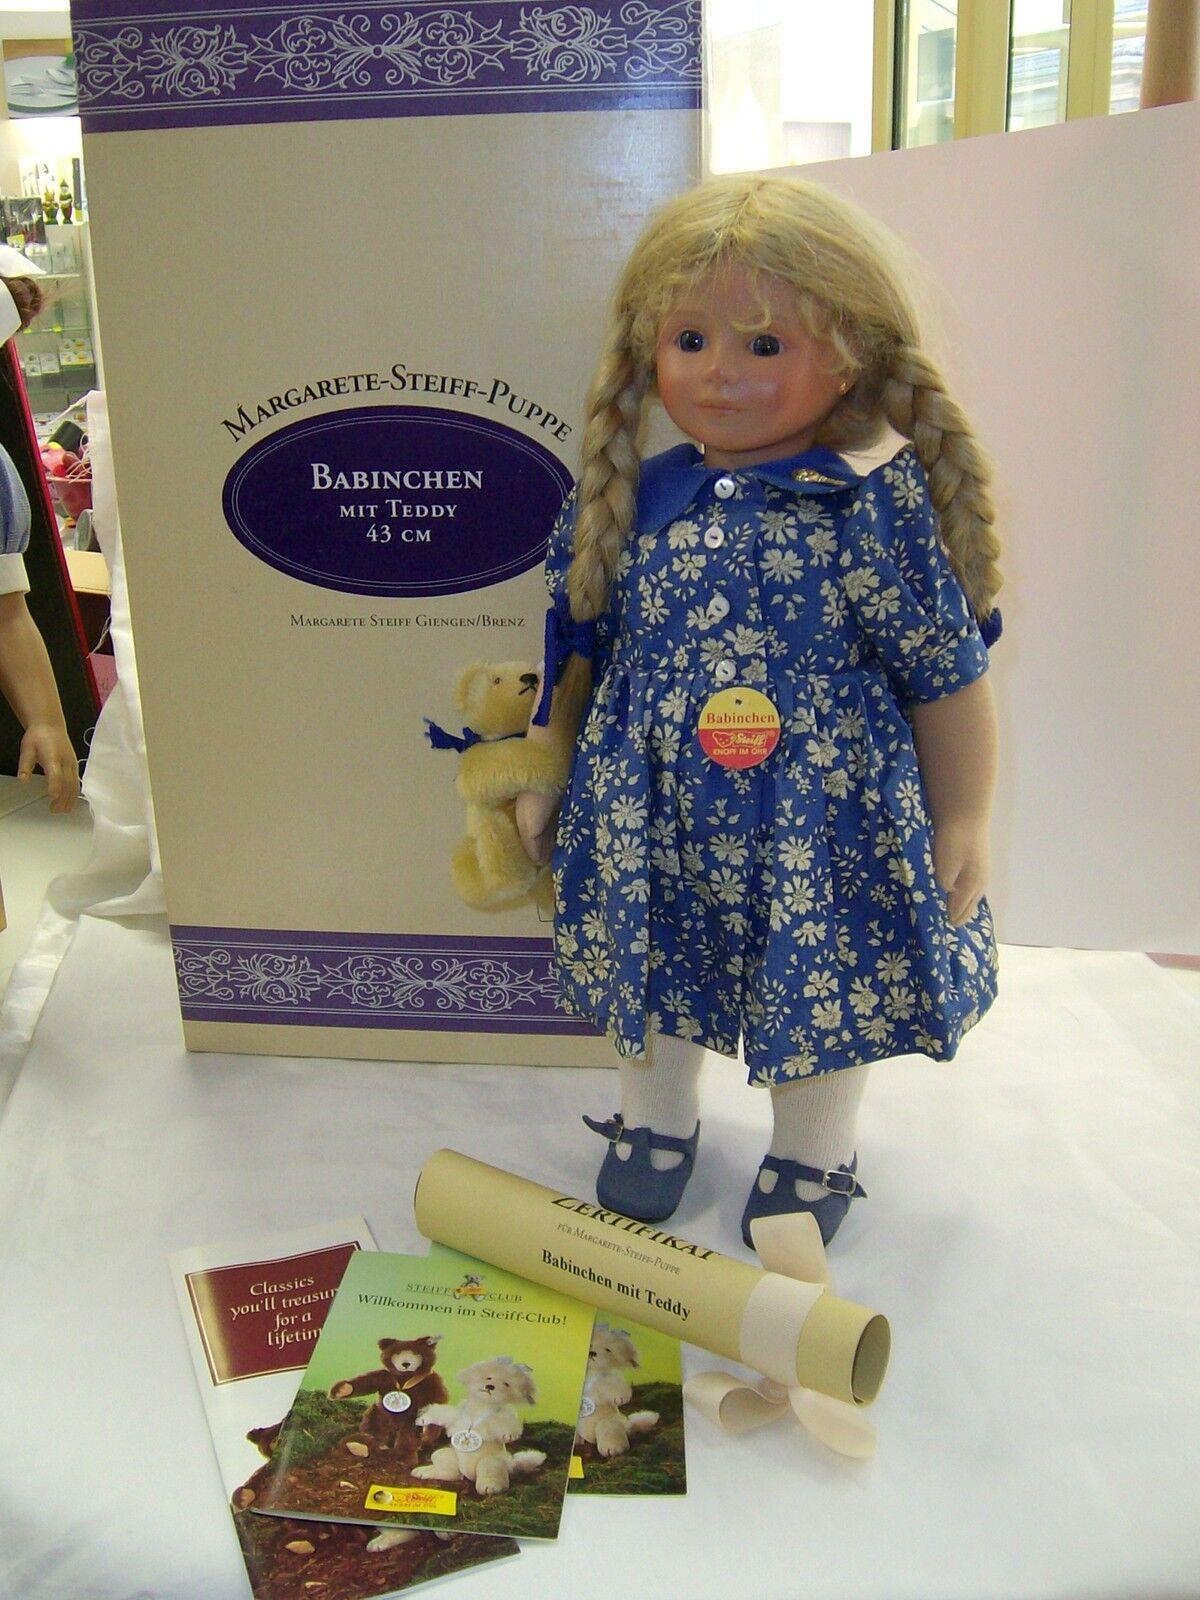 Steiff Puppe Babinchen mit Teddy limitierte limitierte limitierte Edition 956508